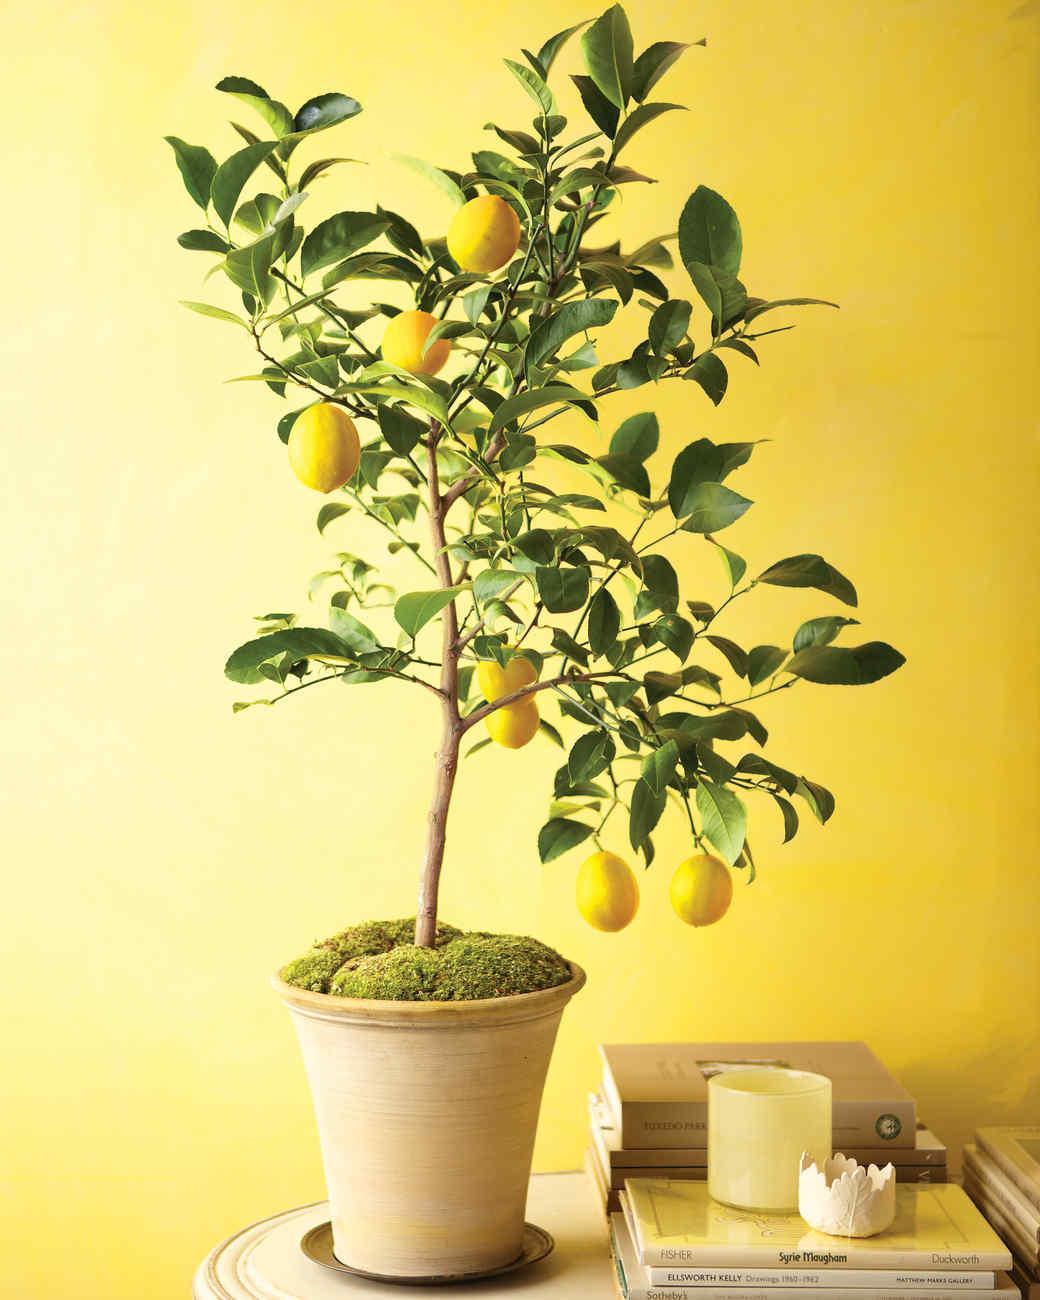 Scenic Grow Citrus S Grow Citrus S Martha Stewart Dwarf Orange Tree Bunnings Dwarf Orange Tree Yellow Leaves houzz 01 Dwarf Orange Tree